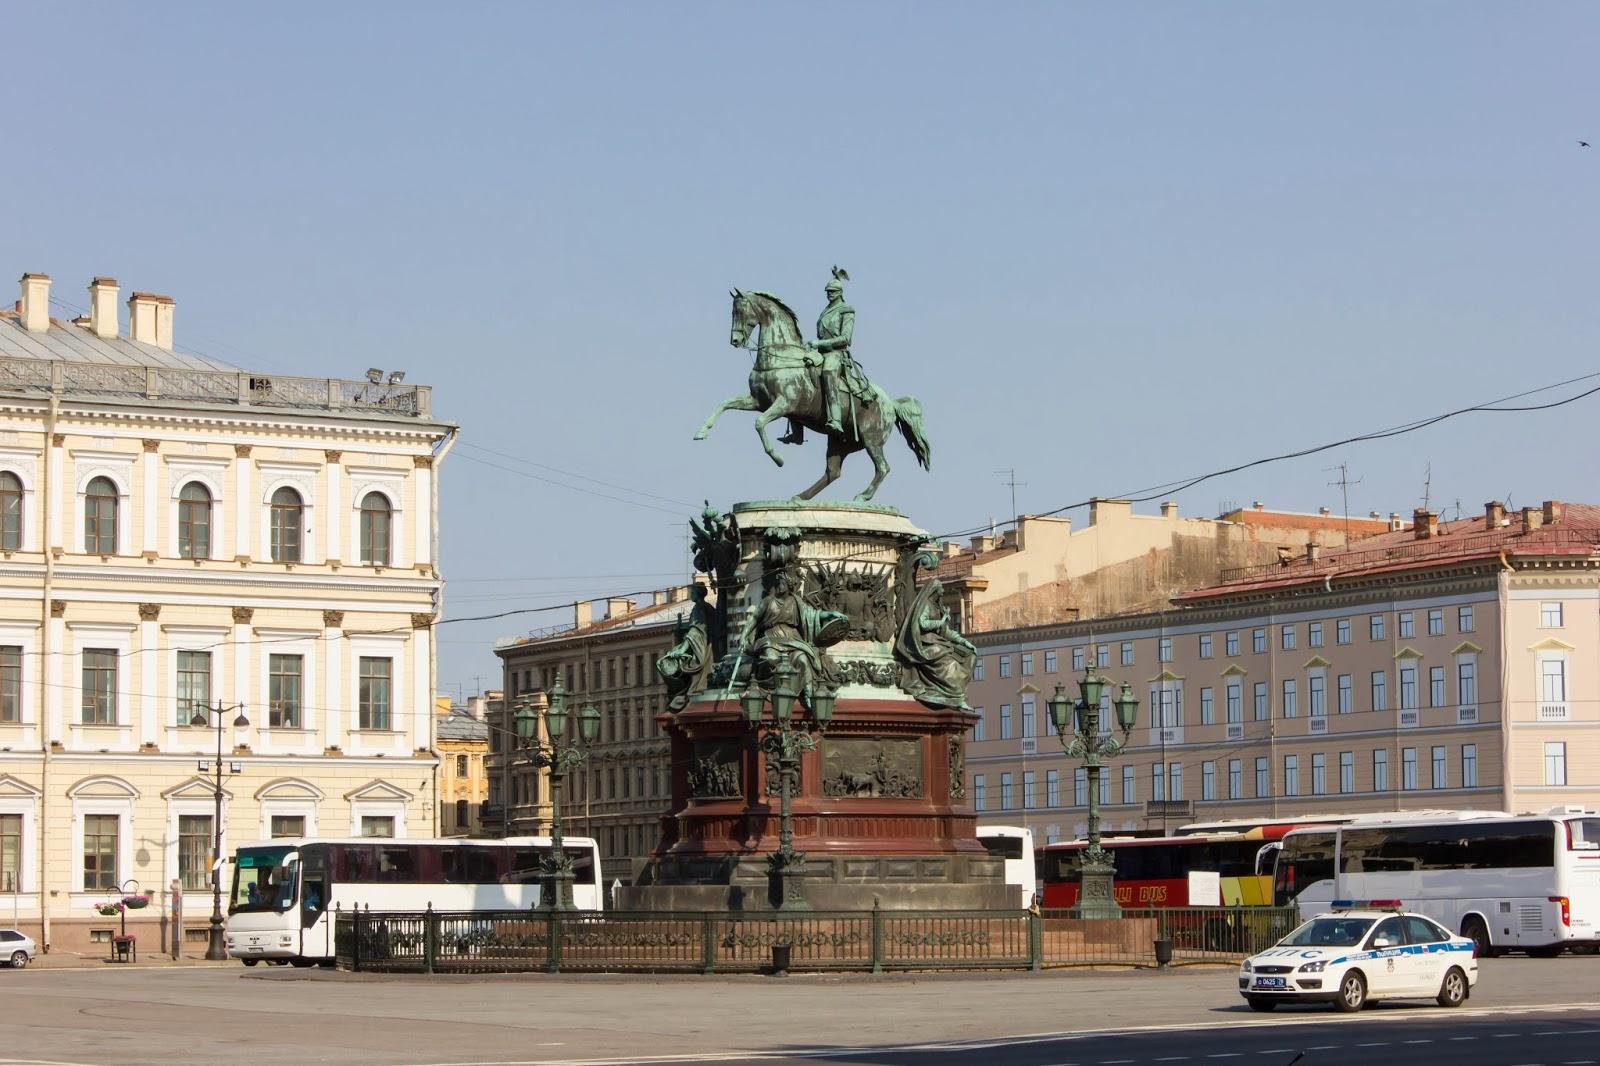 Санкт-Петербург, Россия, Памятник императору Николаю I